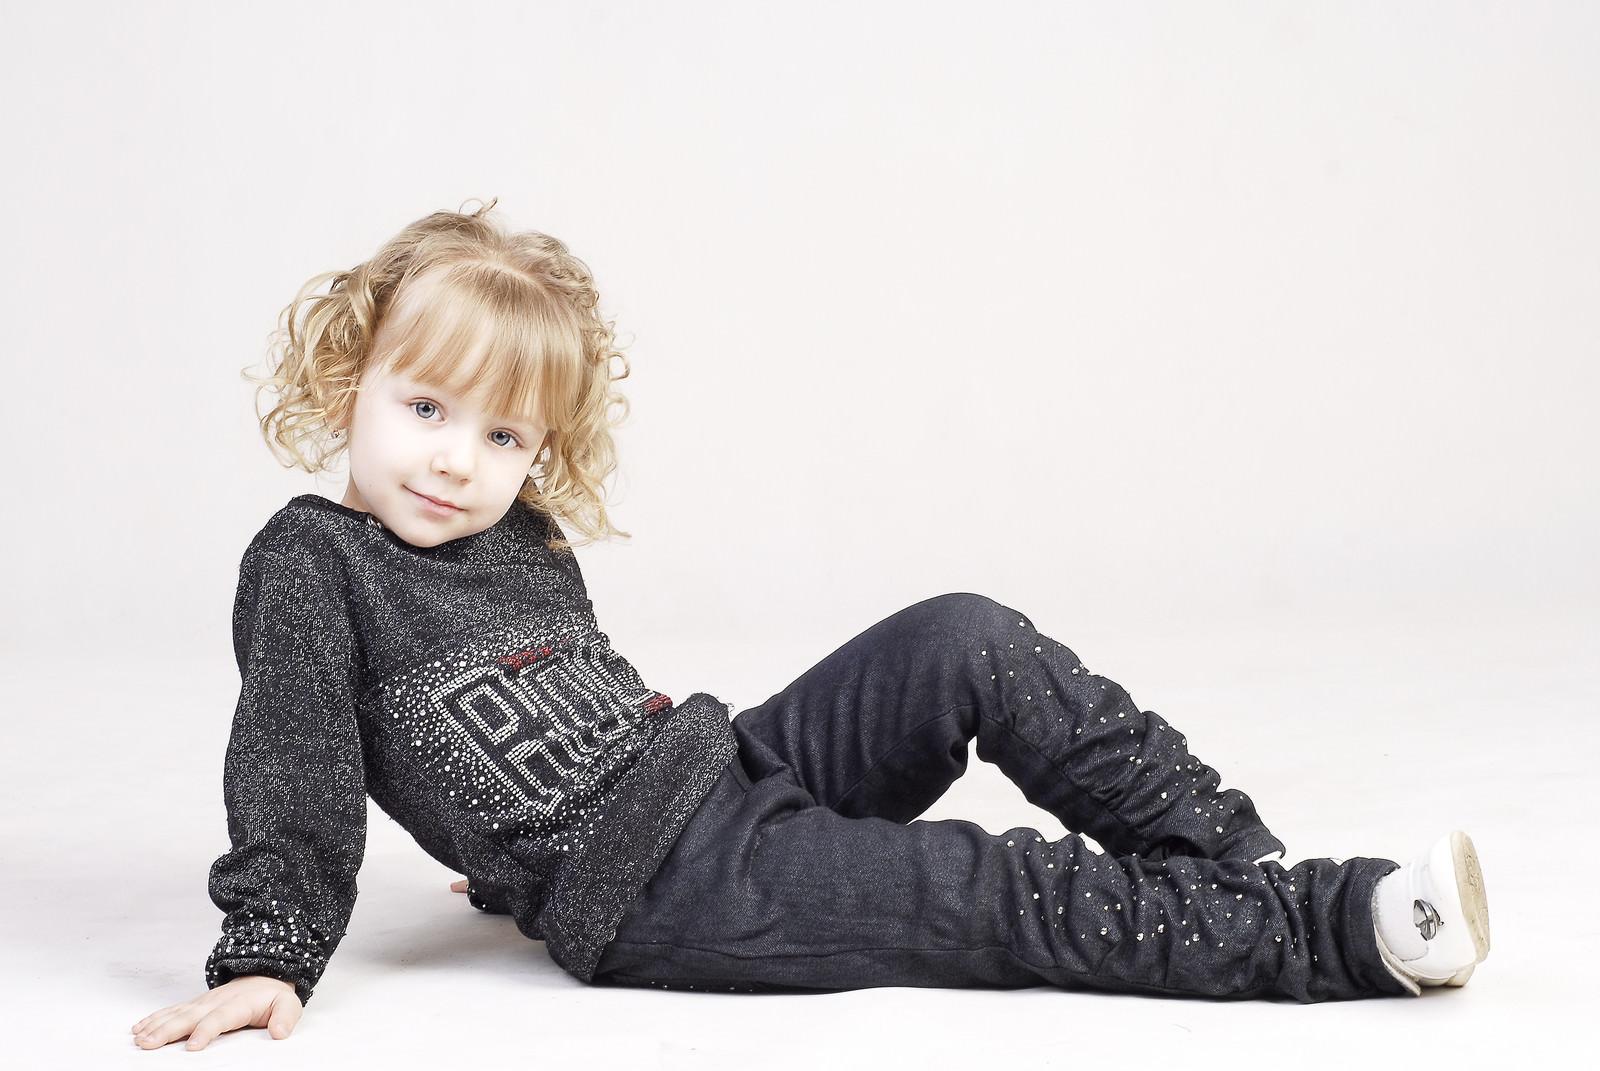 「横になってくつろぐ外国の幼い女の子」の写真[モデル:モデルファクトリー]